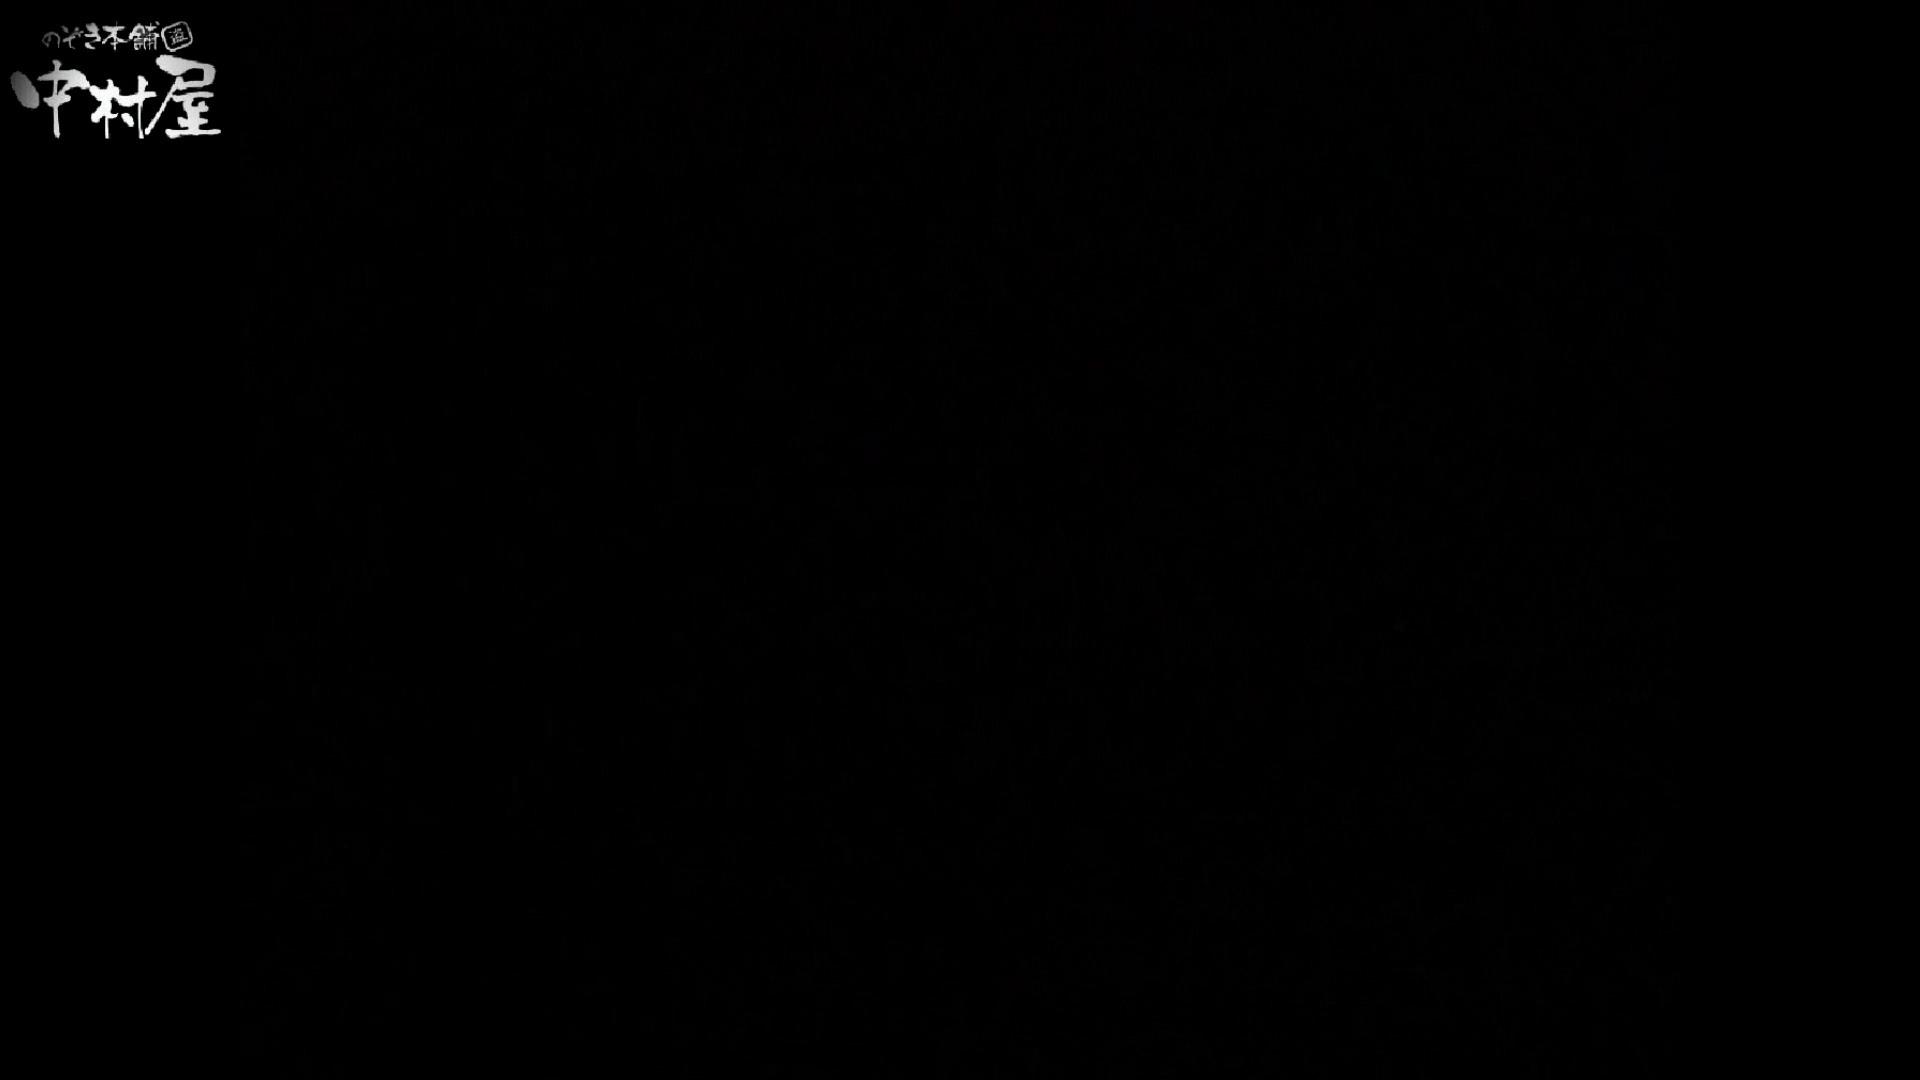 民家風呂専門盗撮師の超危険映像 vol.010 美女丸裸  72pic 18